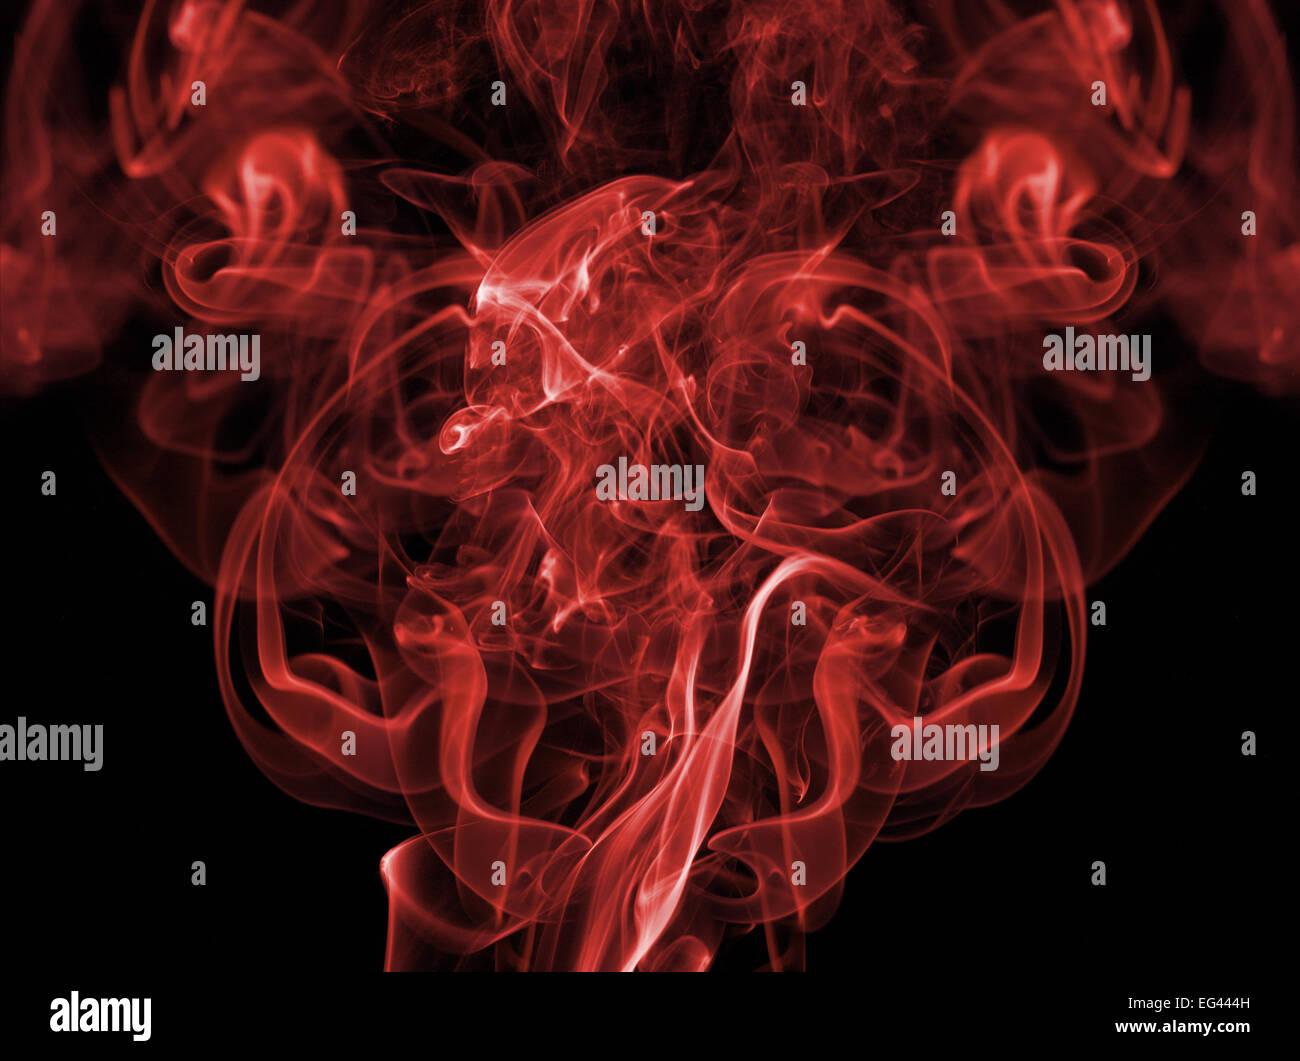 farbige rote Rauchfahne vor schwarzem Hintergrund erstellen Muster Strähnen fließt Partikel brennen smokey Stockbild